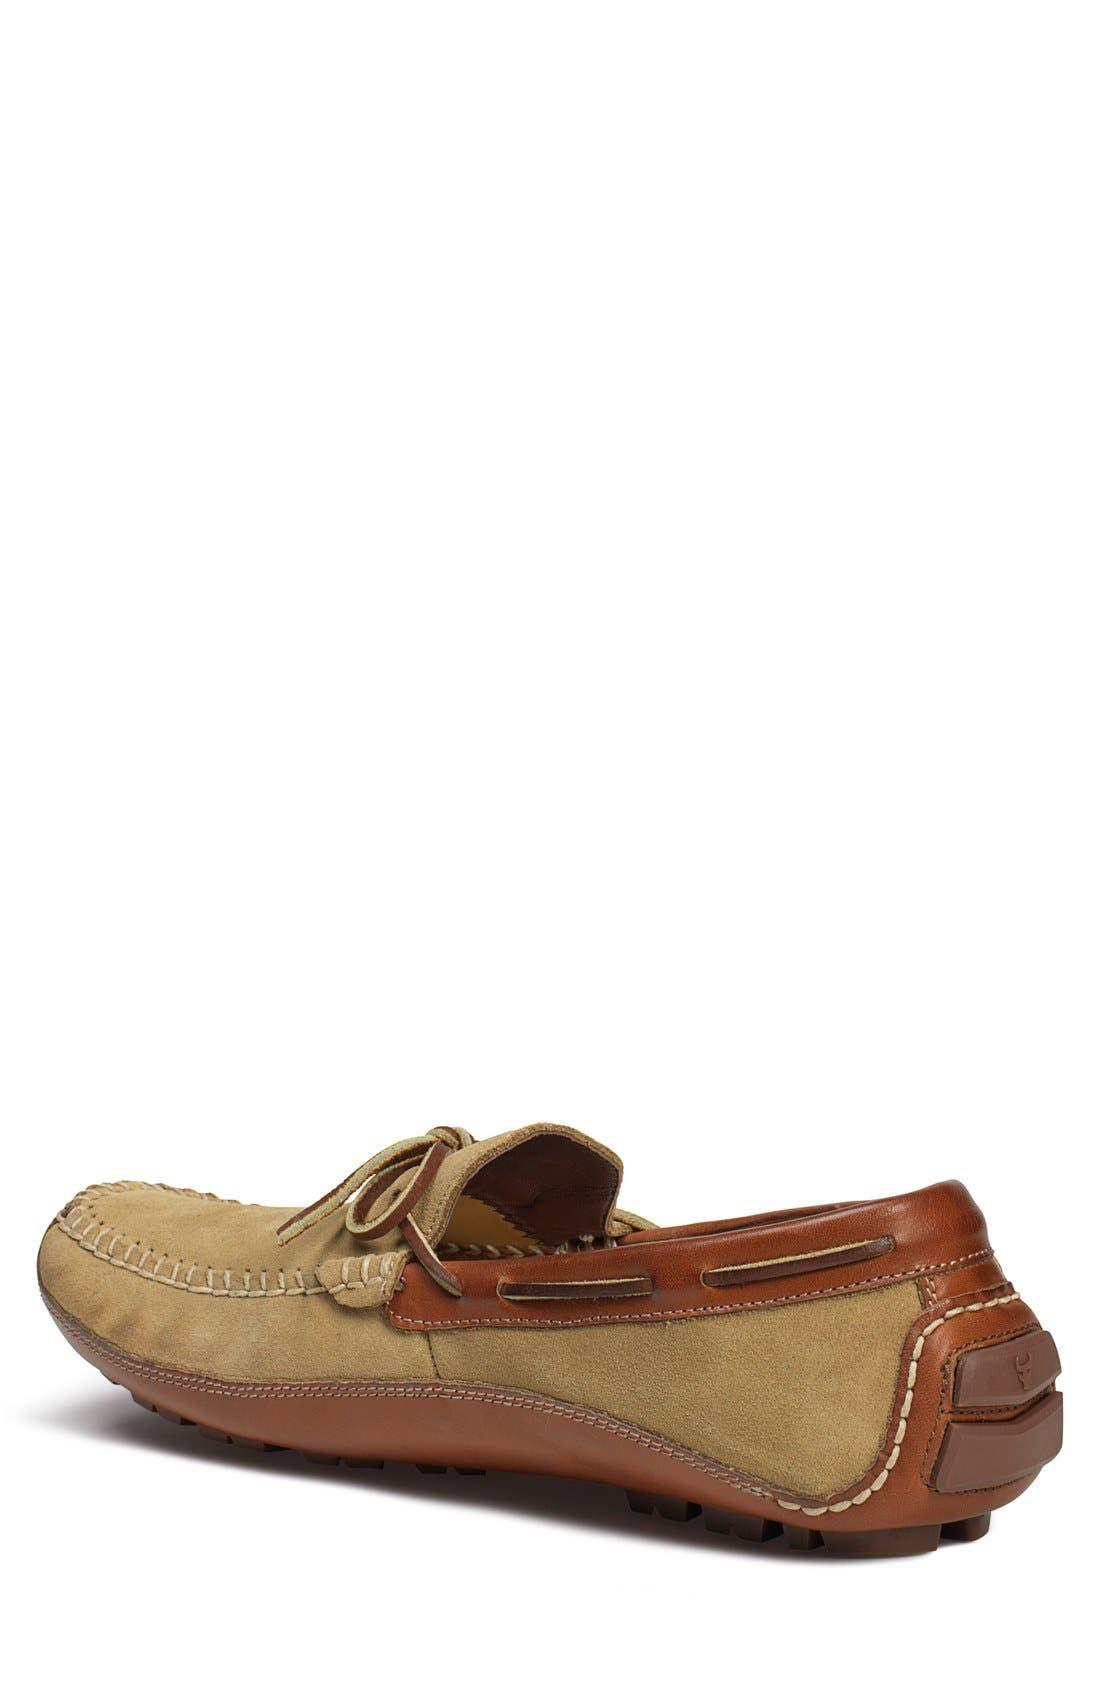 'Drake' Leather Driving Shoe,                             Alternate thumbnail 21, color,